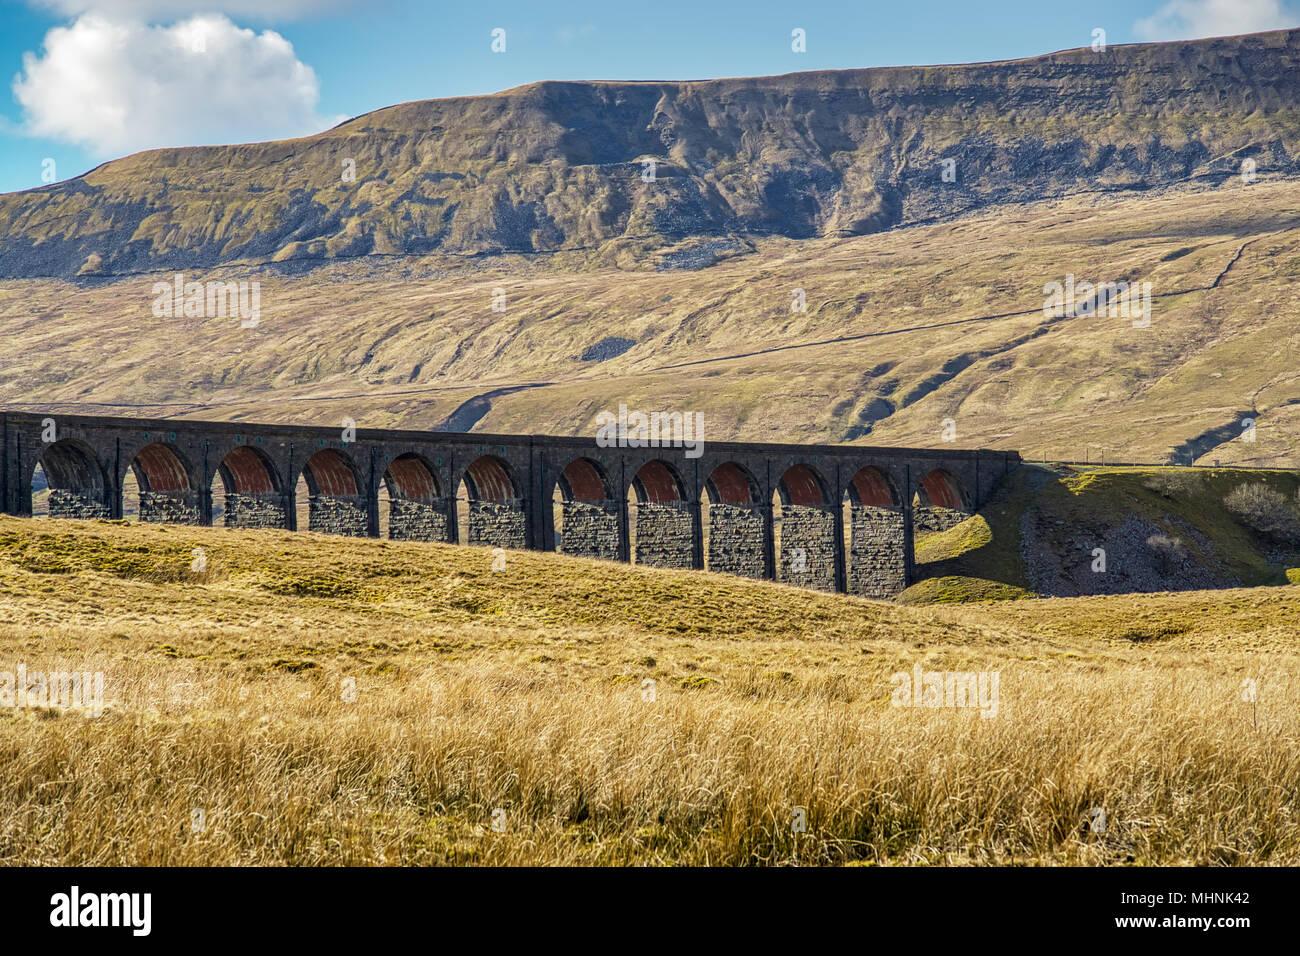 Una vista oblicua del Ribblehead viaduct. Imagen De Stock